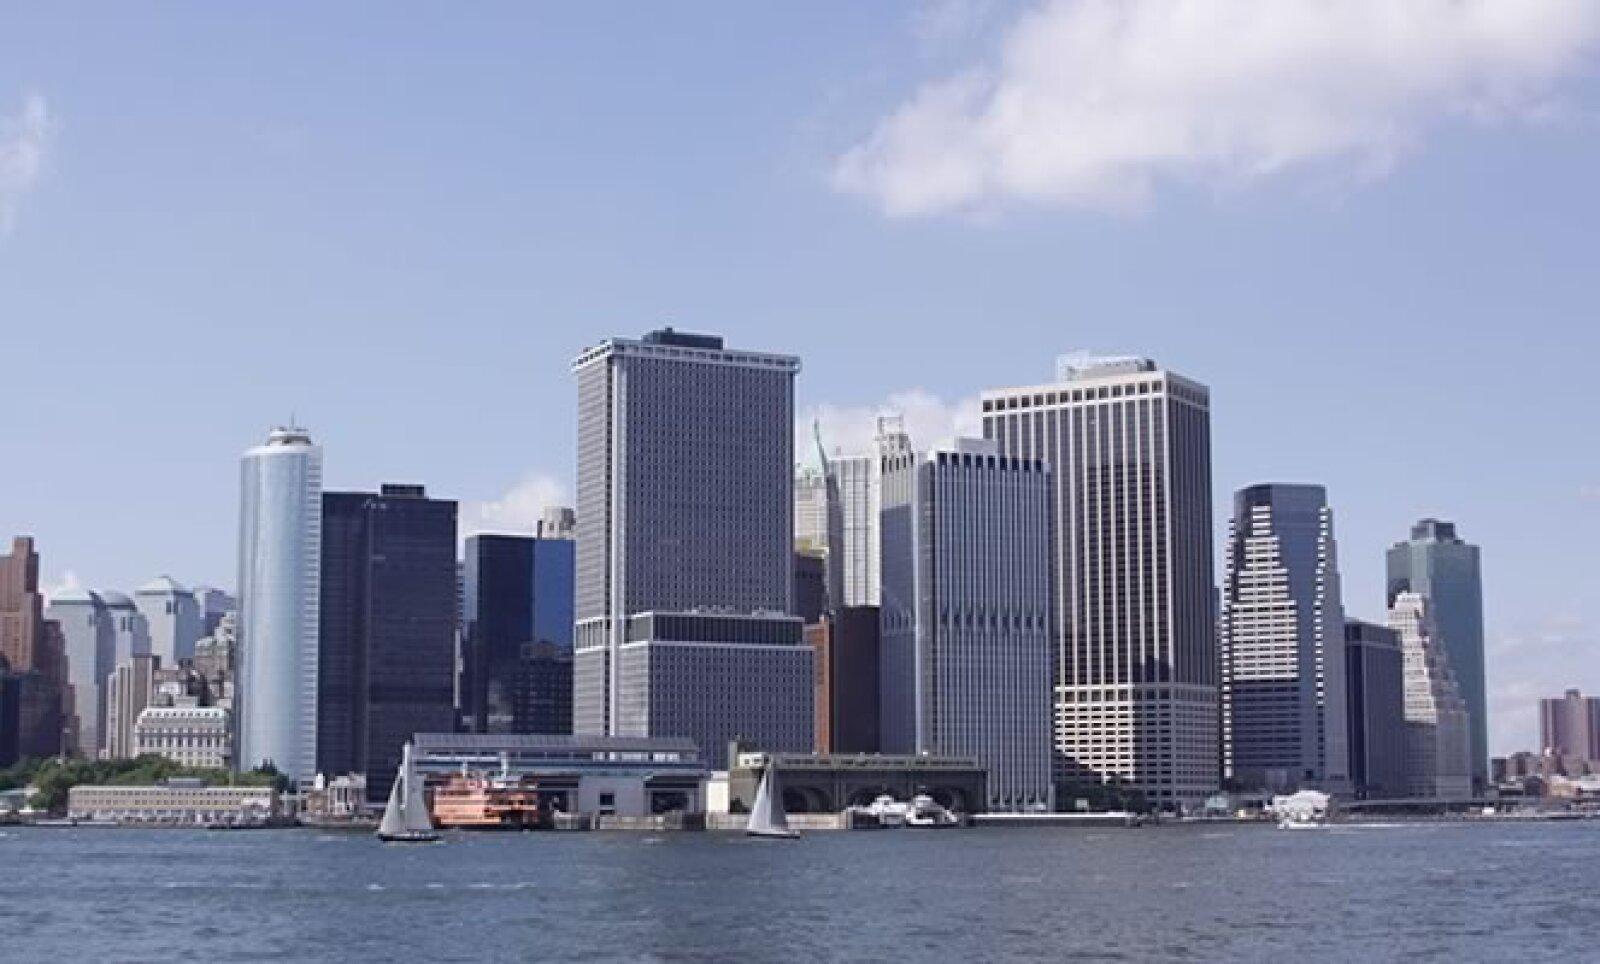 Sus rascacielos son reconocidos por mantener un gran diseño y funcionalidad.|